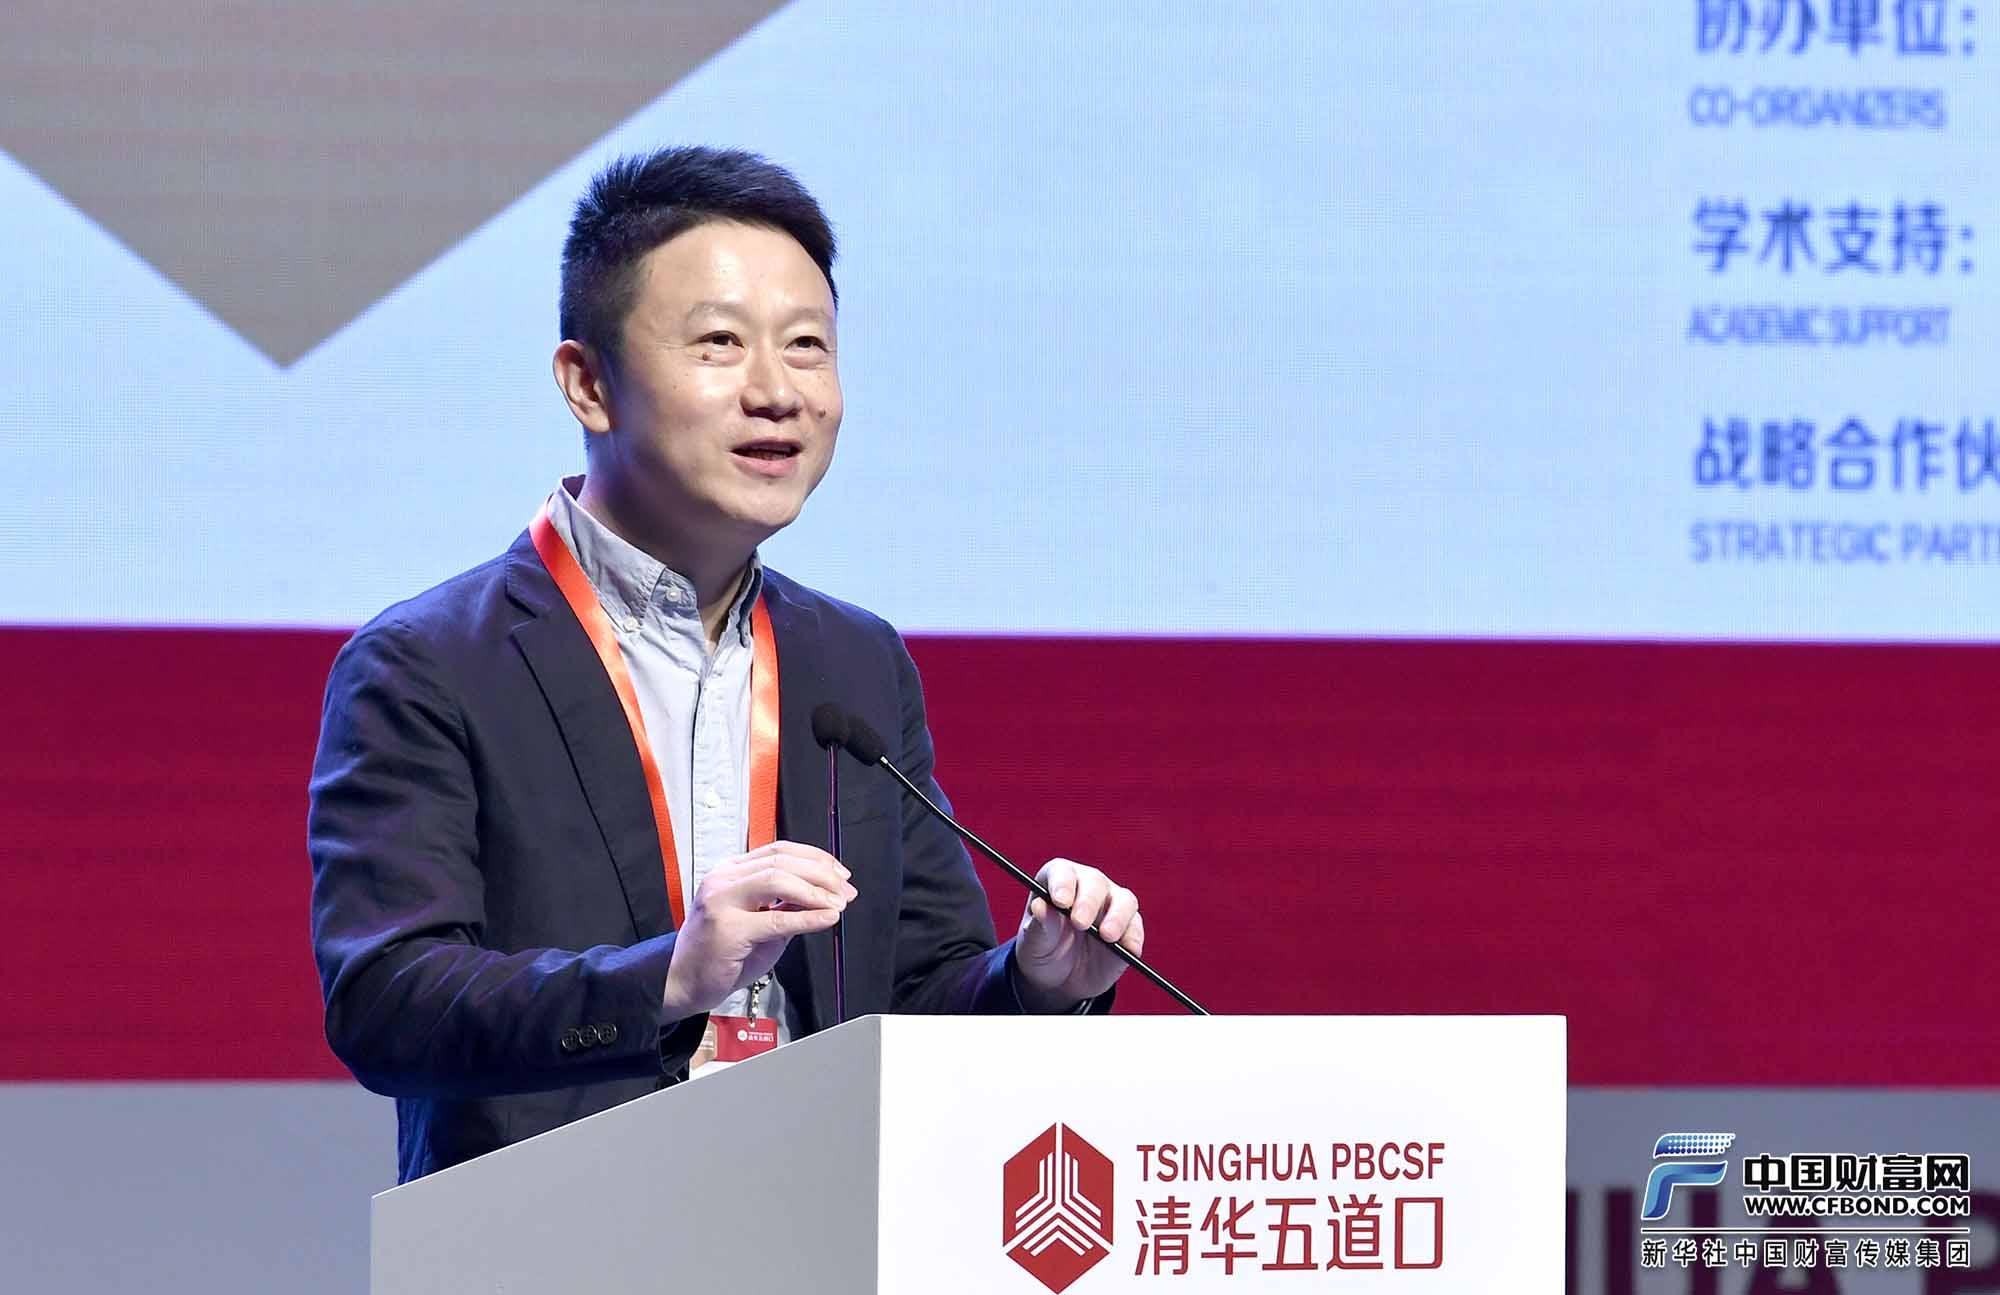 主题演讲:蚂蚁金服集团数字金融板块总裁黄浩